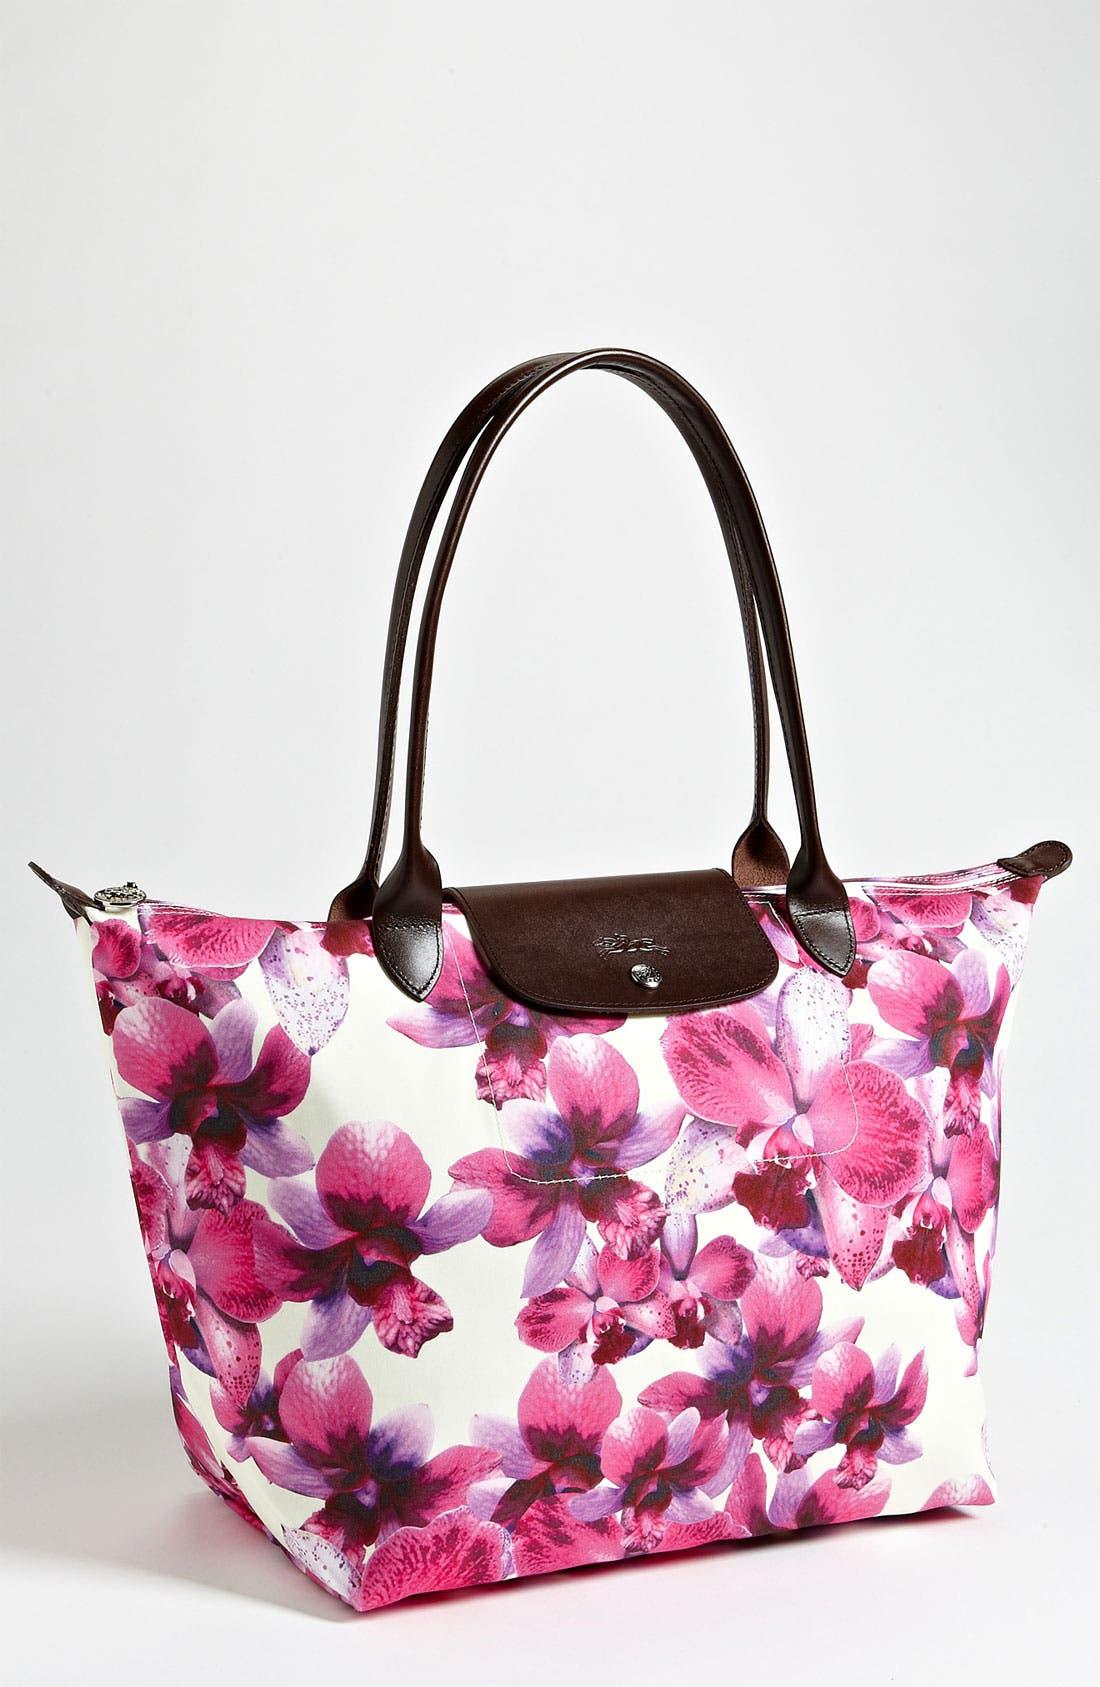 Alternate Image 1 Selected - Longchamp 'Orchideal - Large' Shoulder Bag